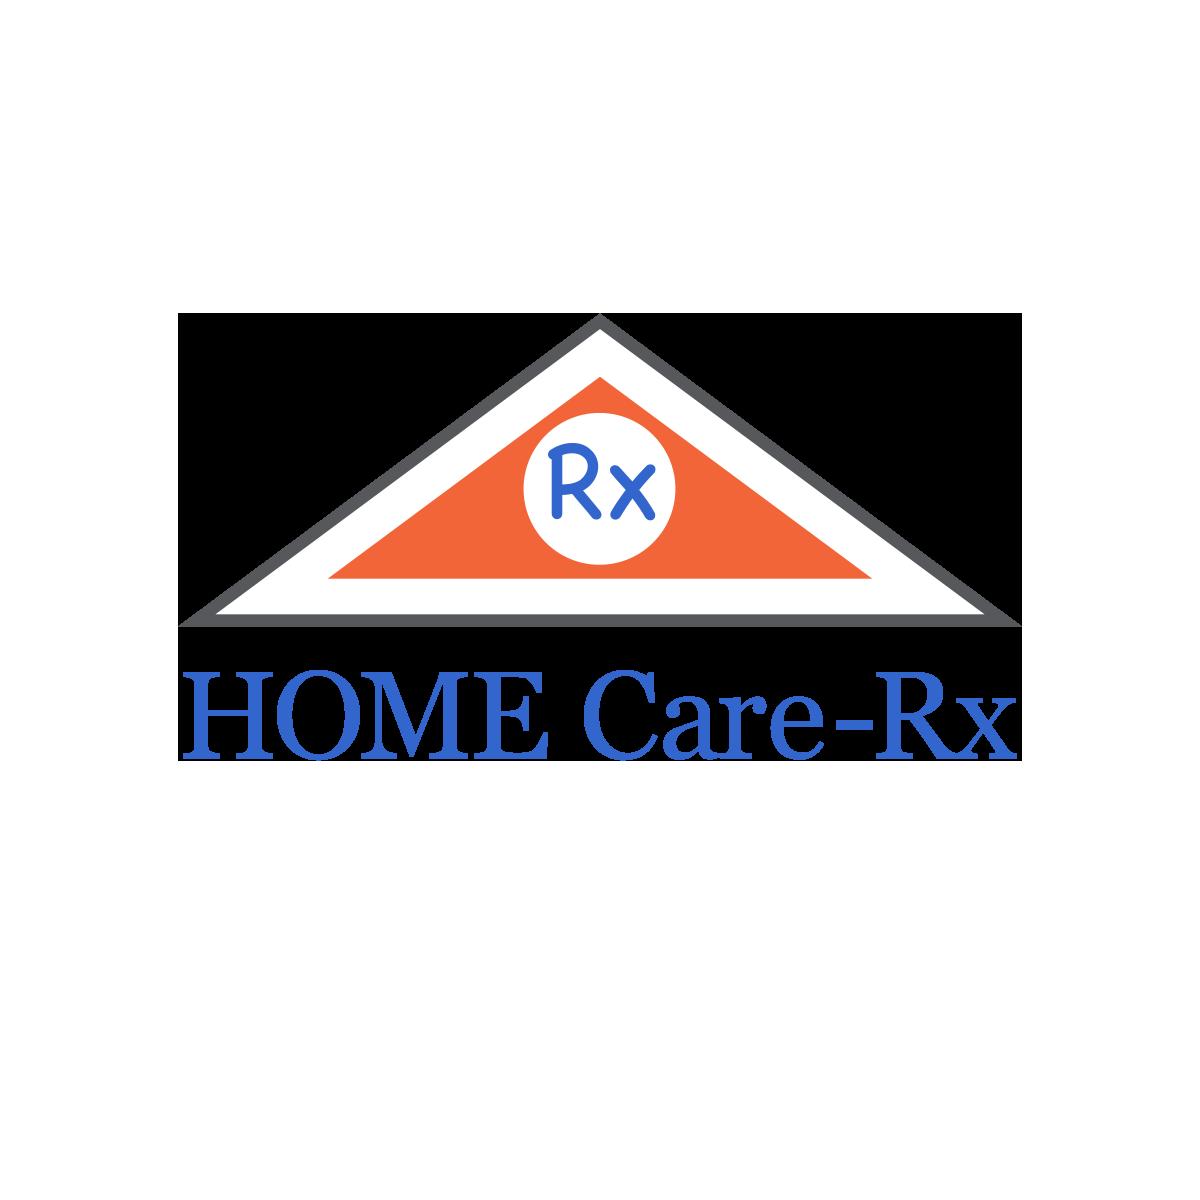 HOME_Care-Rx_logo_rgb_300dpi.png